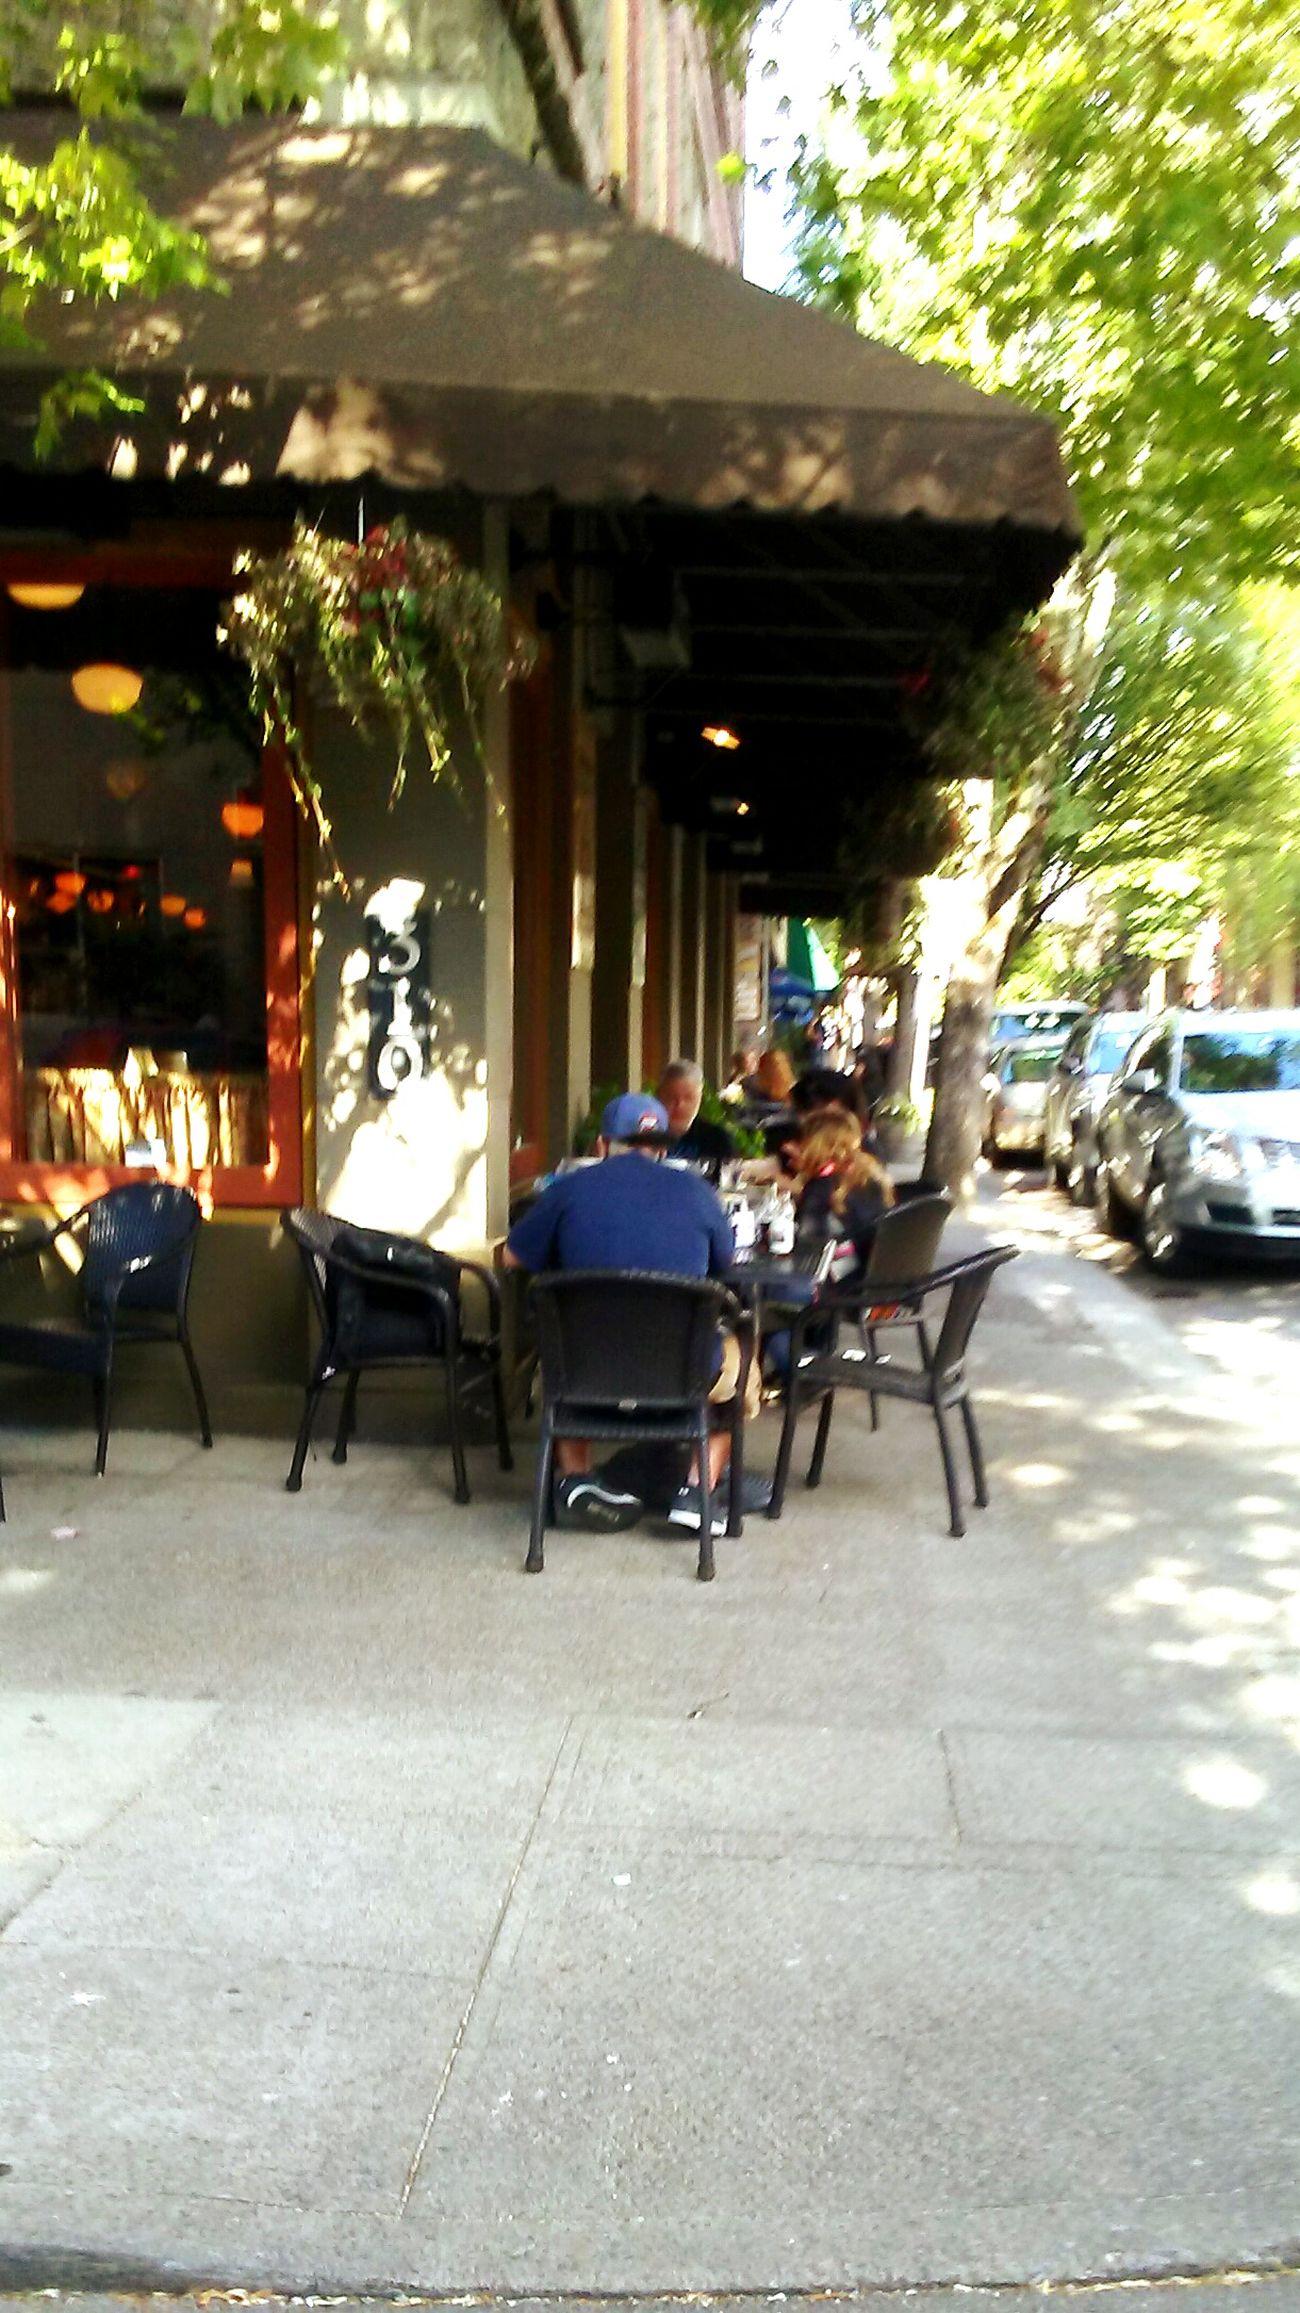 People Watching Diningout Downtown Noshing Restaurant Goodfriends Goodfood. 3rd Street Awardwinningstreet